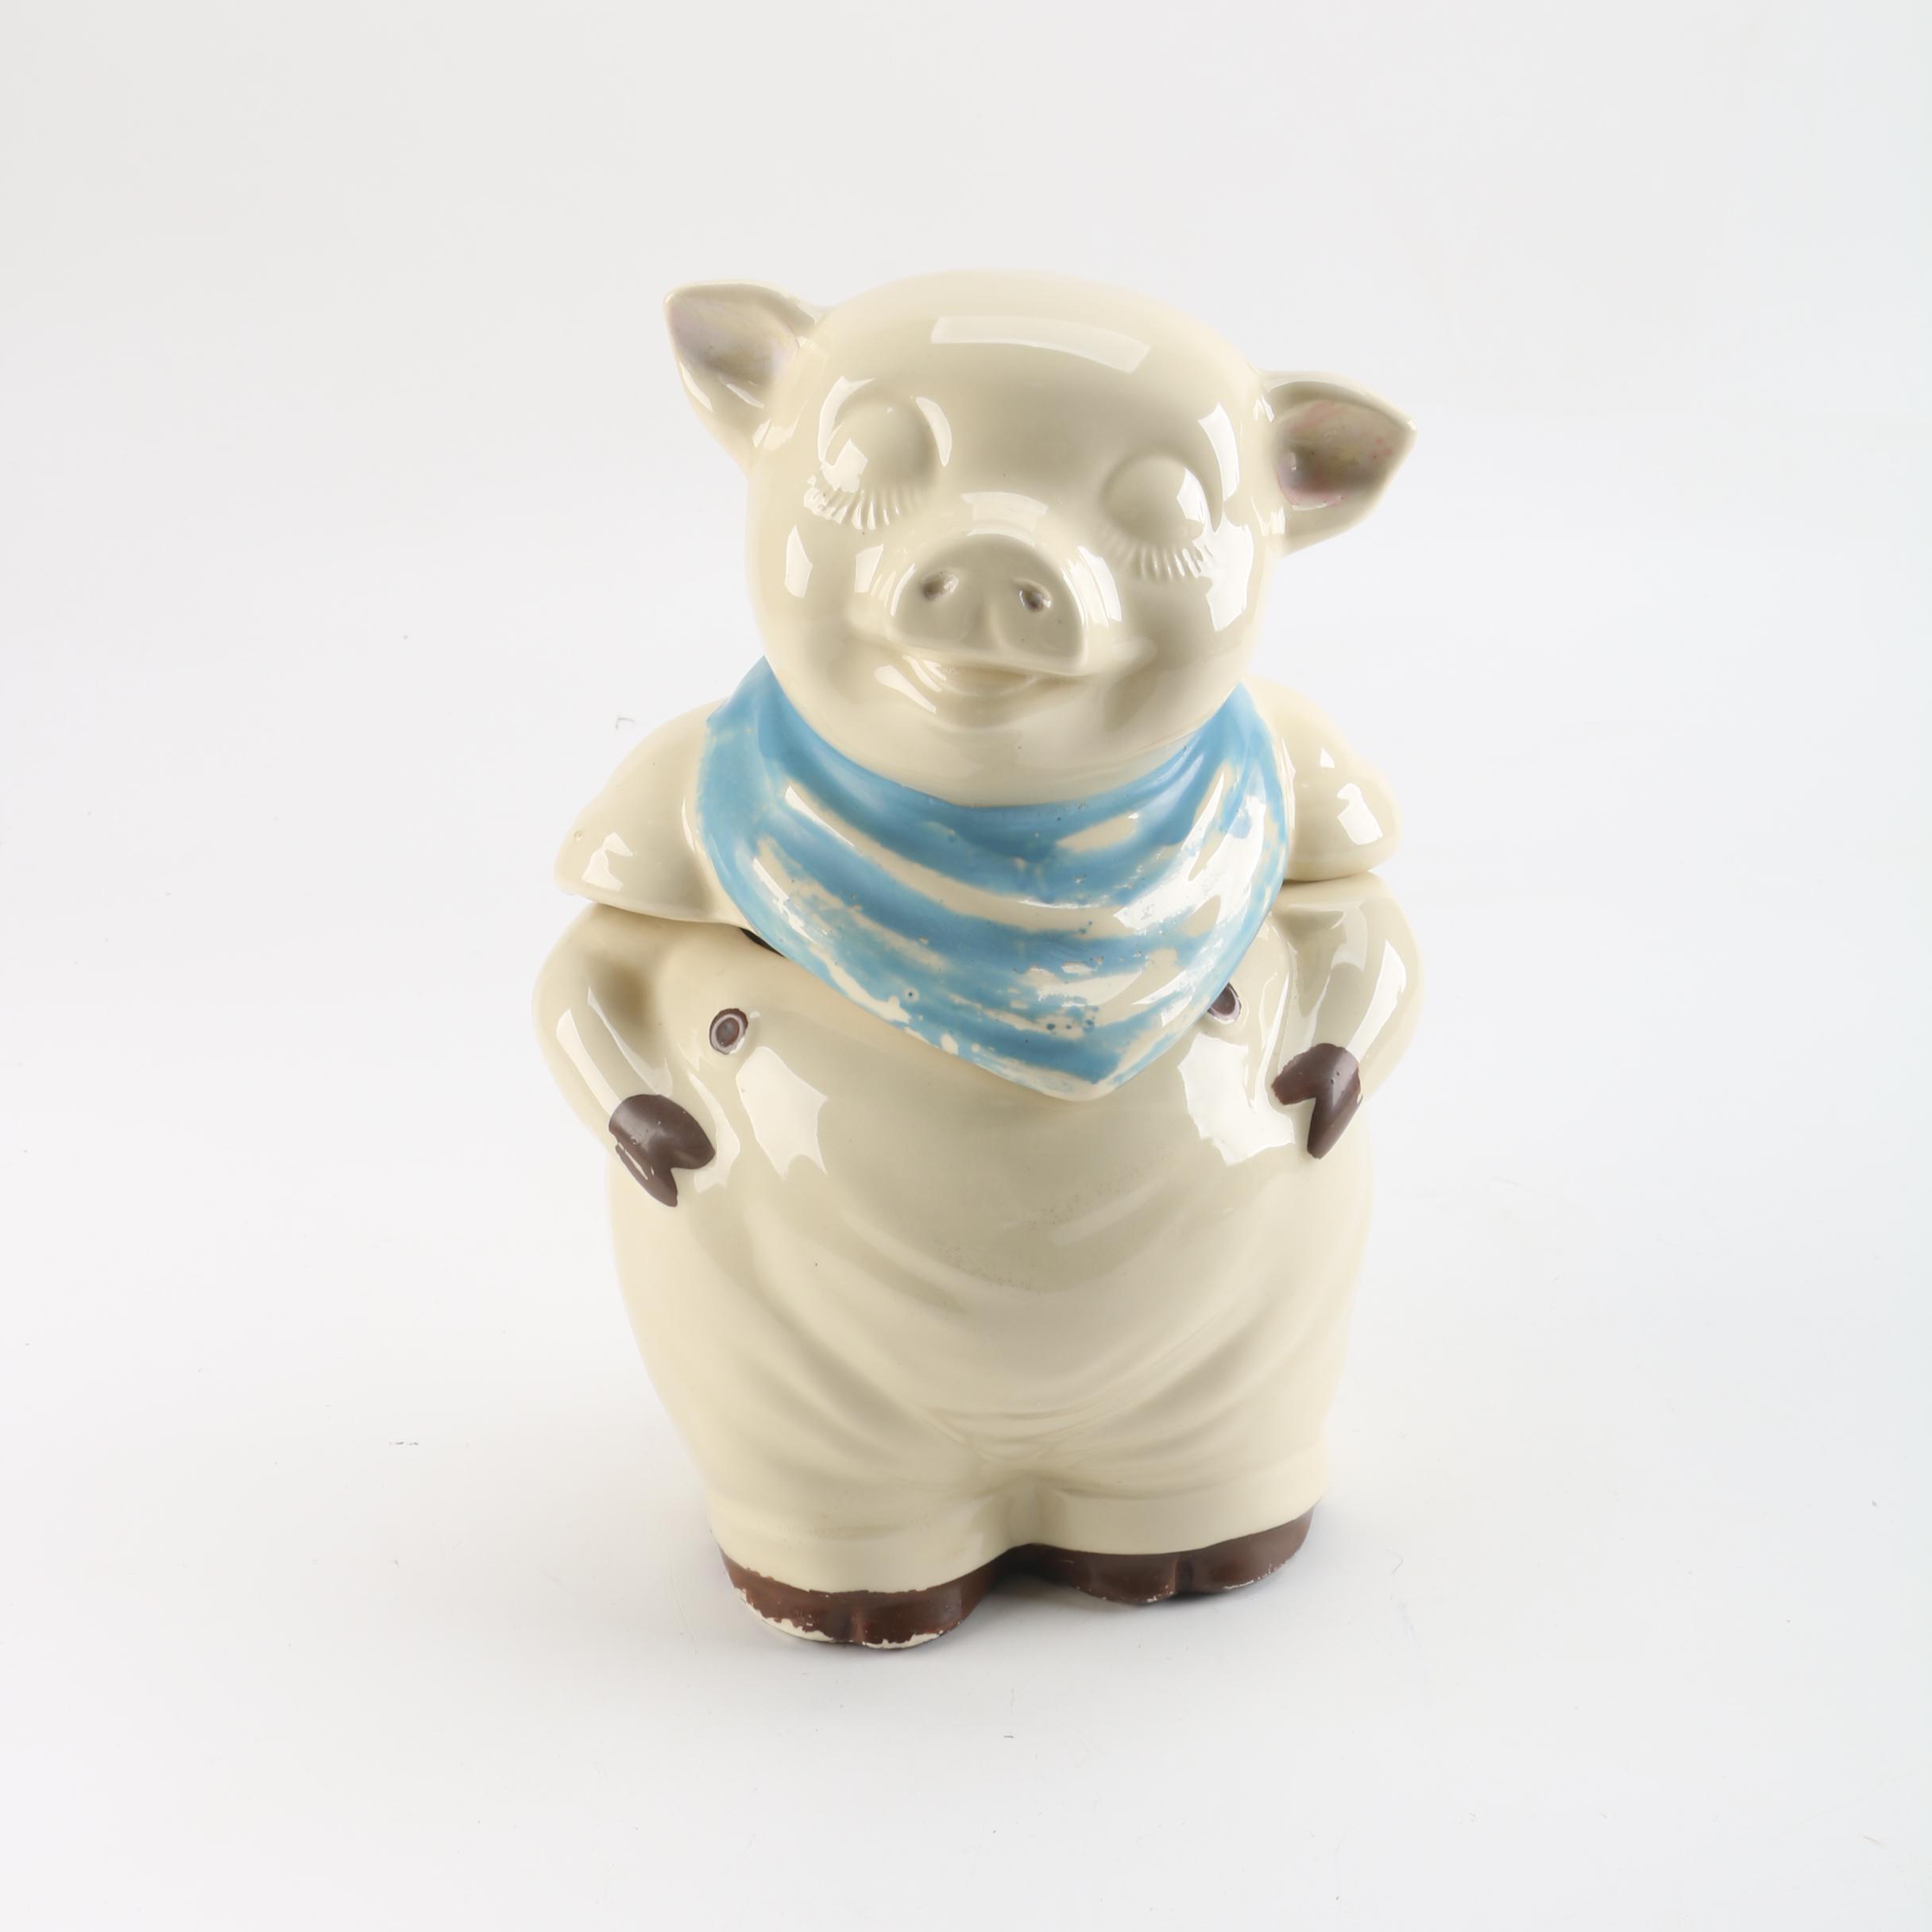 Vintage Shawnee Ceramic Pig Cookie Jar